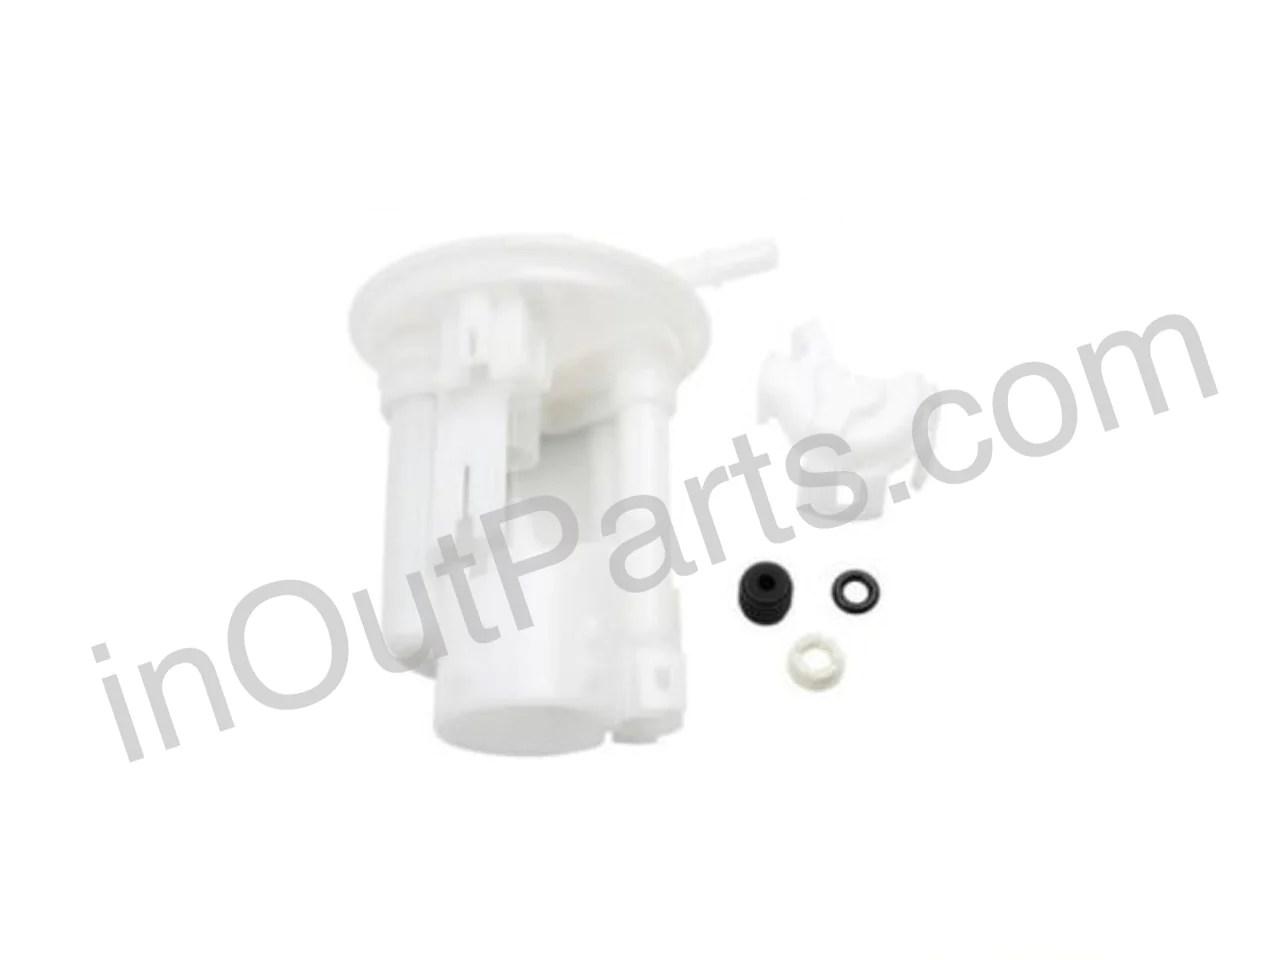 medium resolution of fuel filter fits honda stream 2000 2001 2002 2003 2004 2005 2006 inout parts